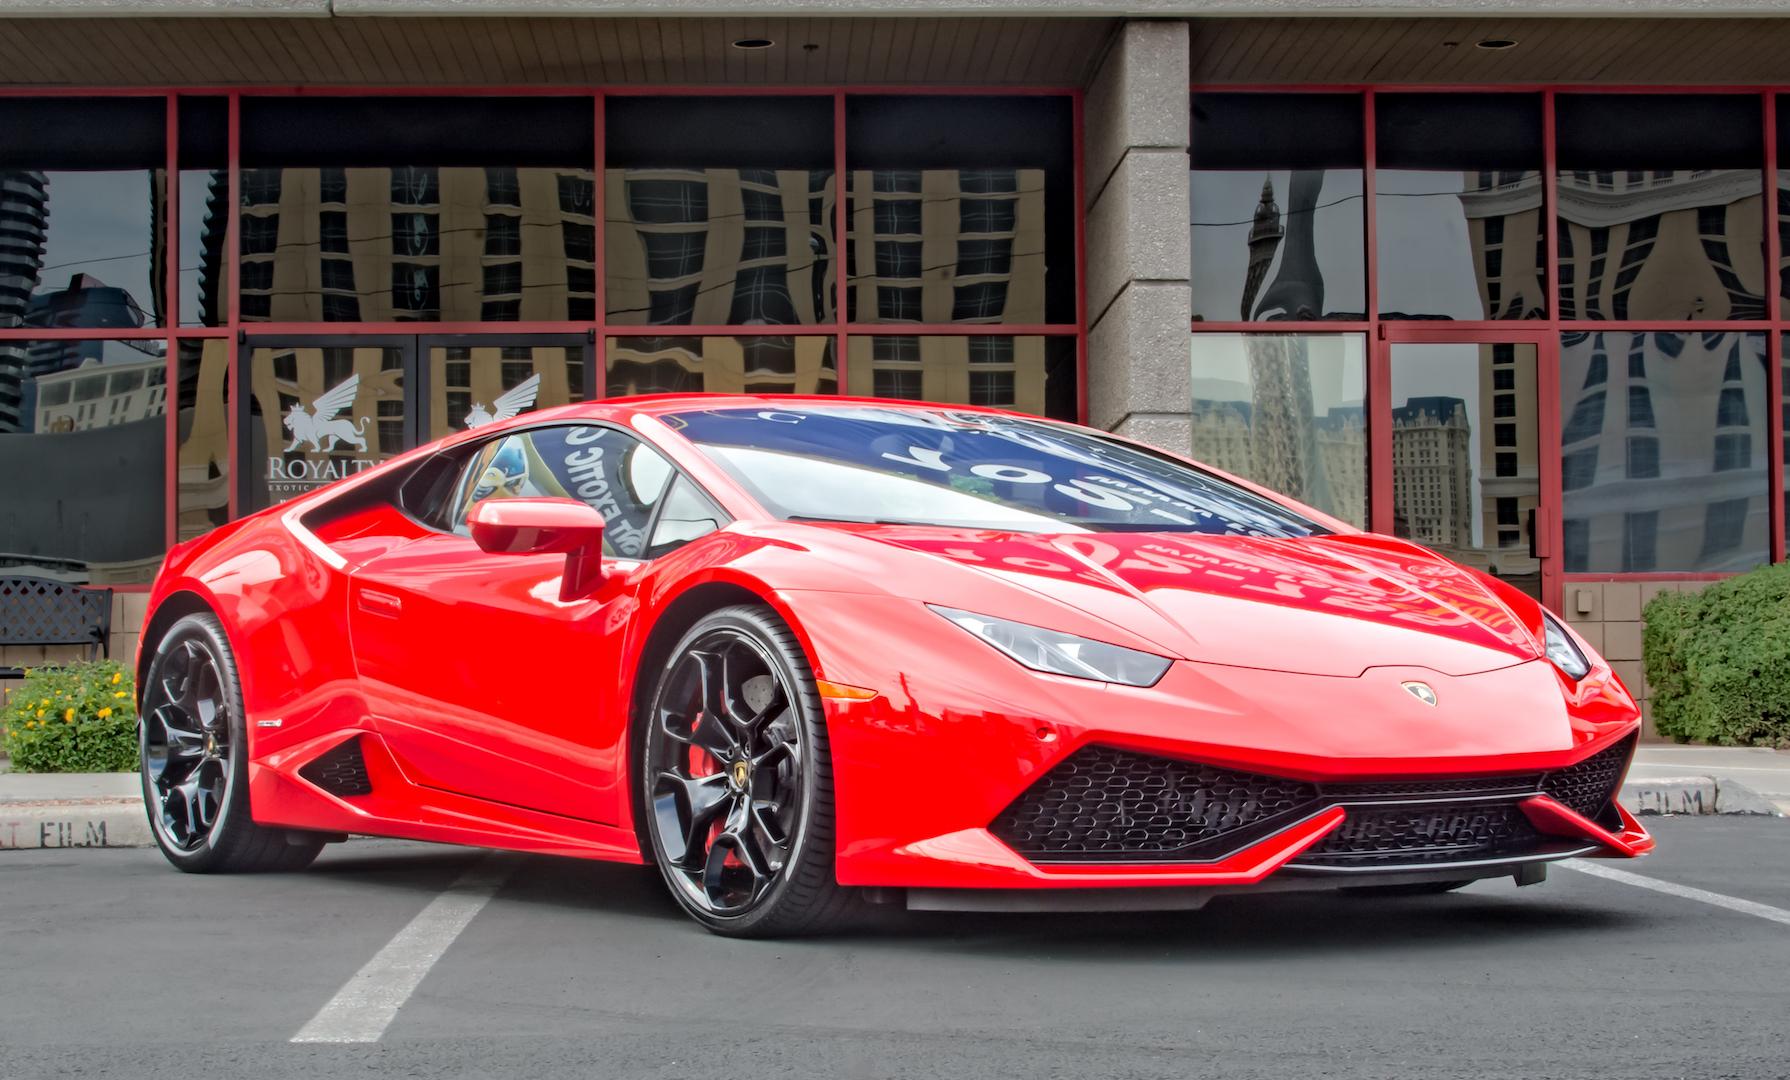 Royalty Exotic Car Rental in Las Vegas NV Chamberof merce